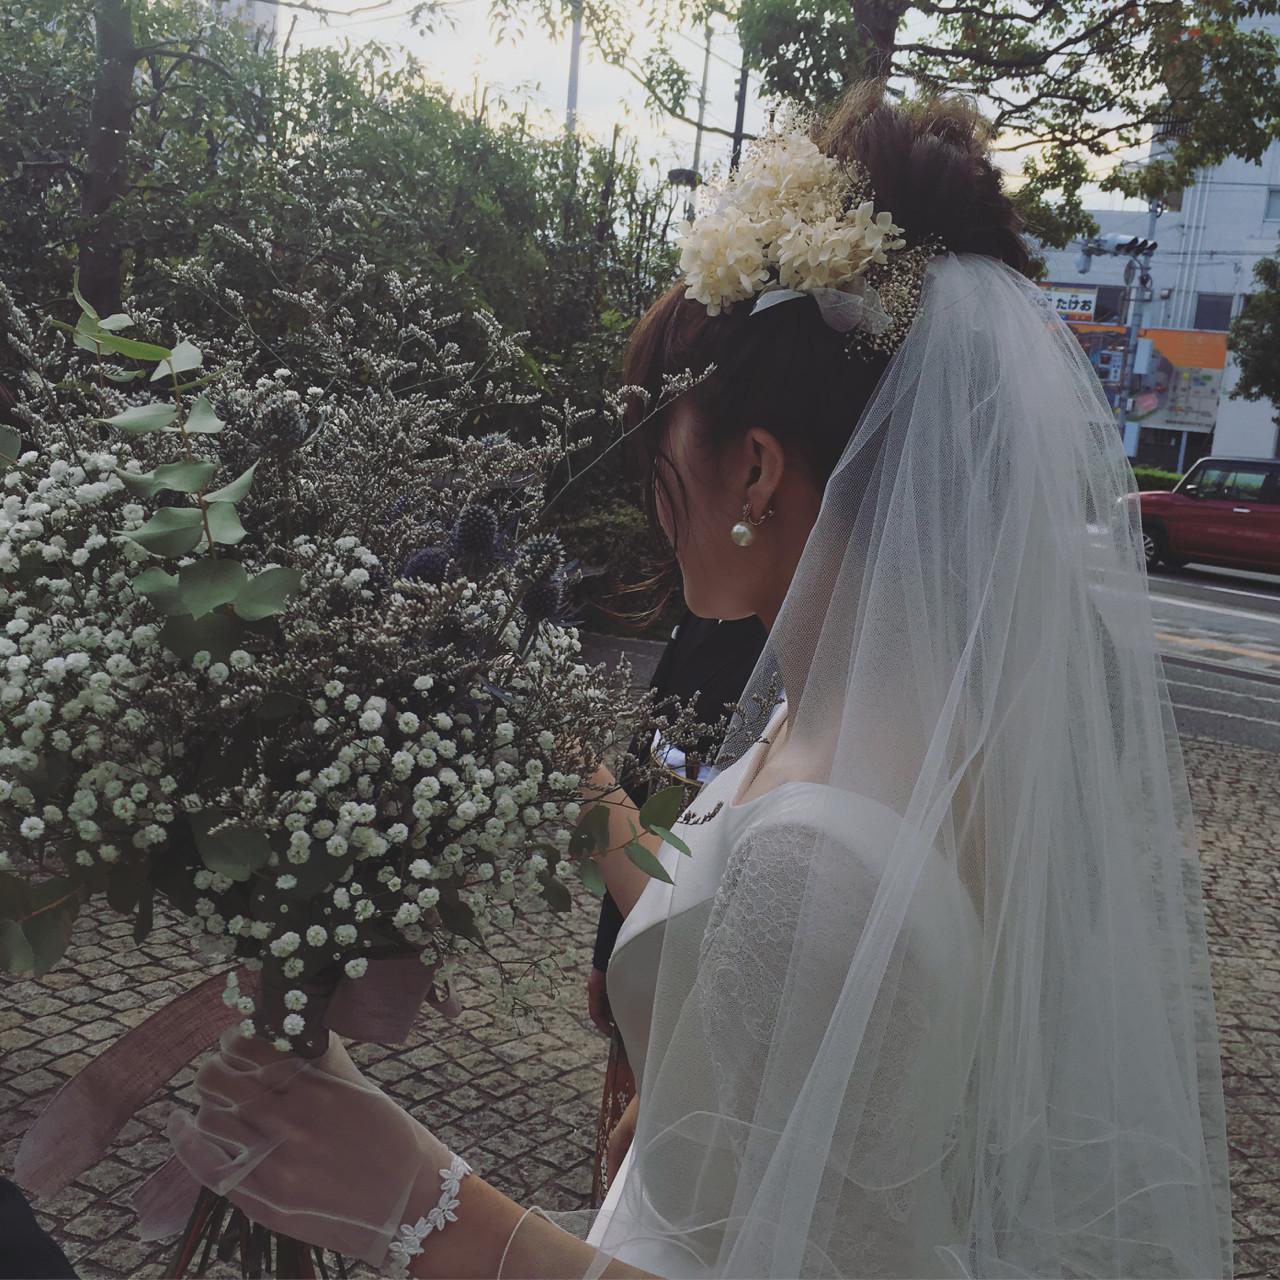 《花嫁アレンジ特集》結婚式の主役はあなた♡ステキな髪型を選ぼう!の25枚目の画像